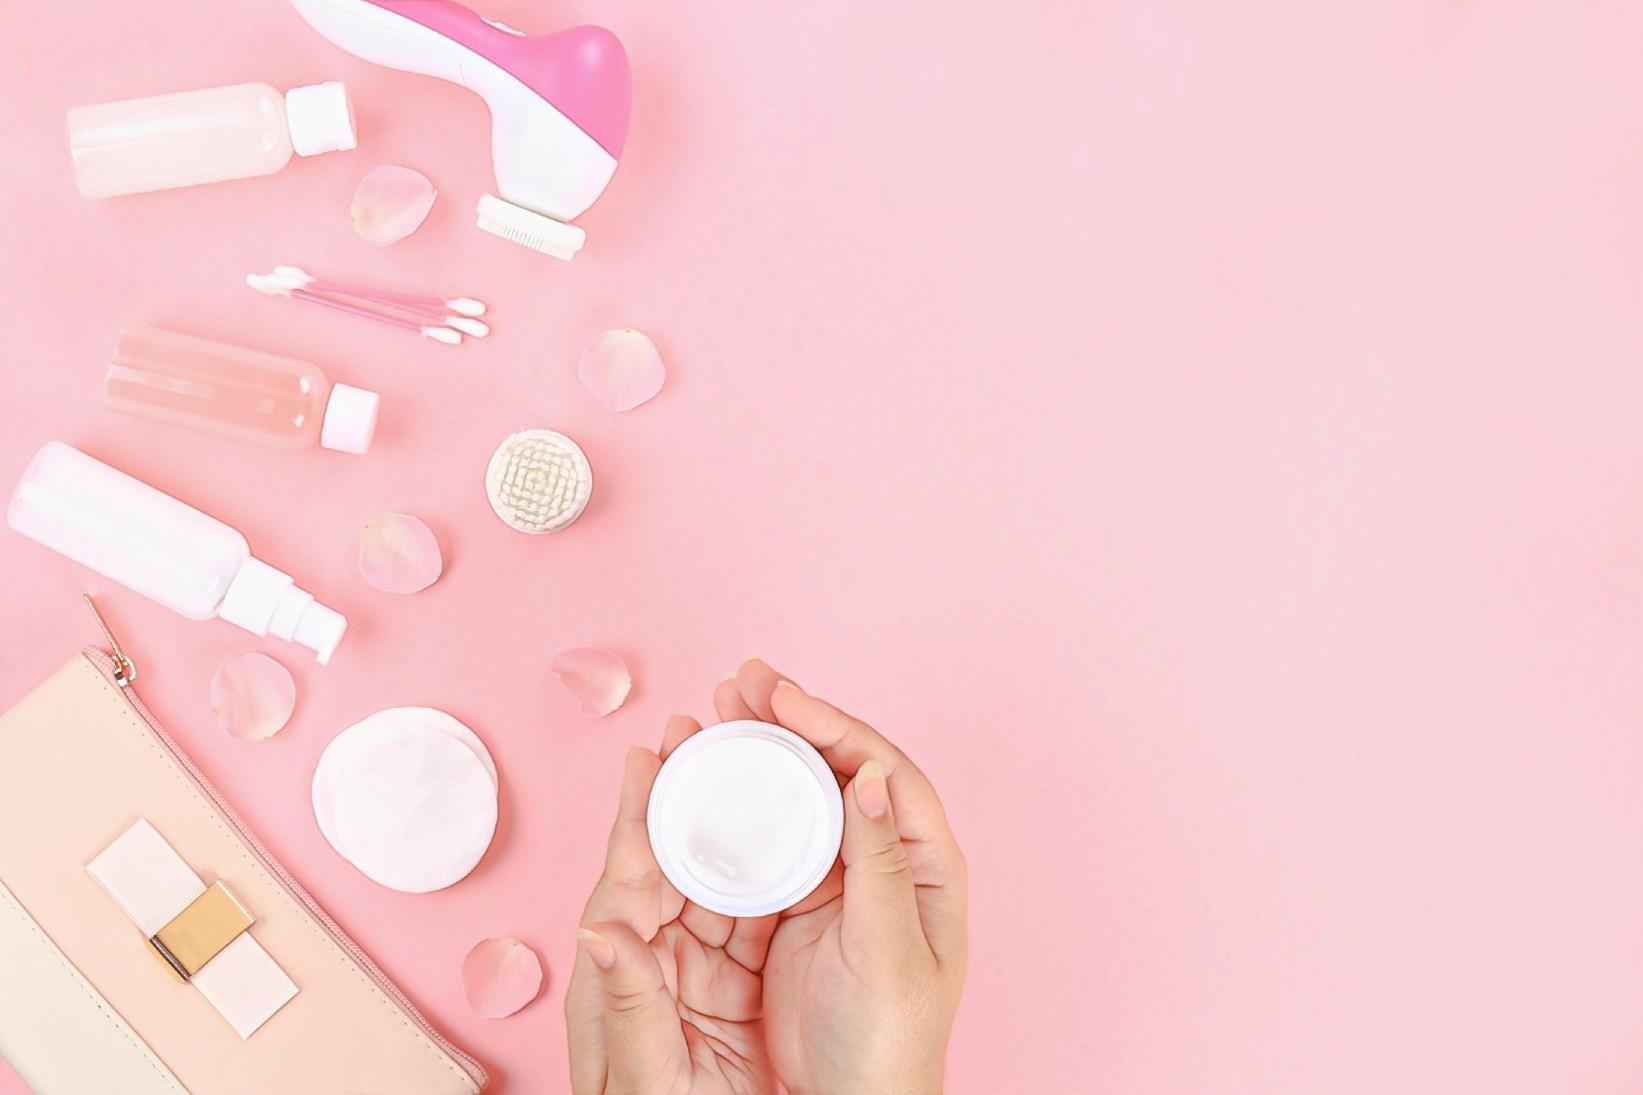 средства для лечения акне у косметолога